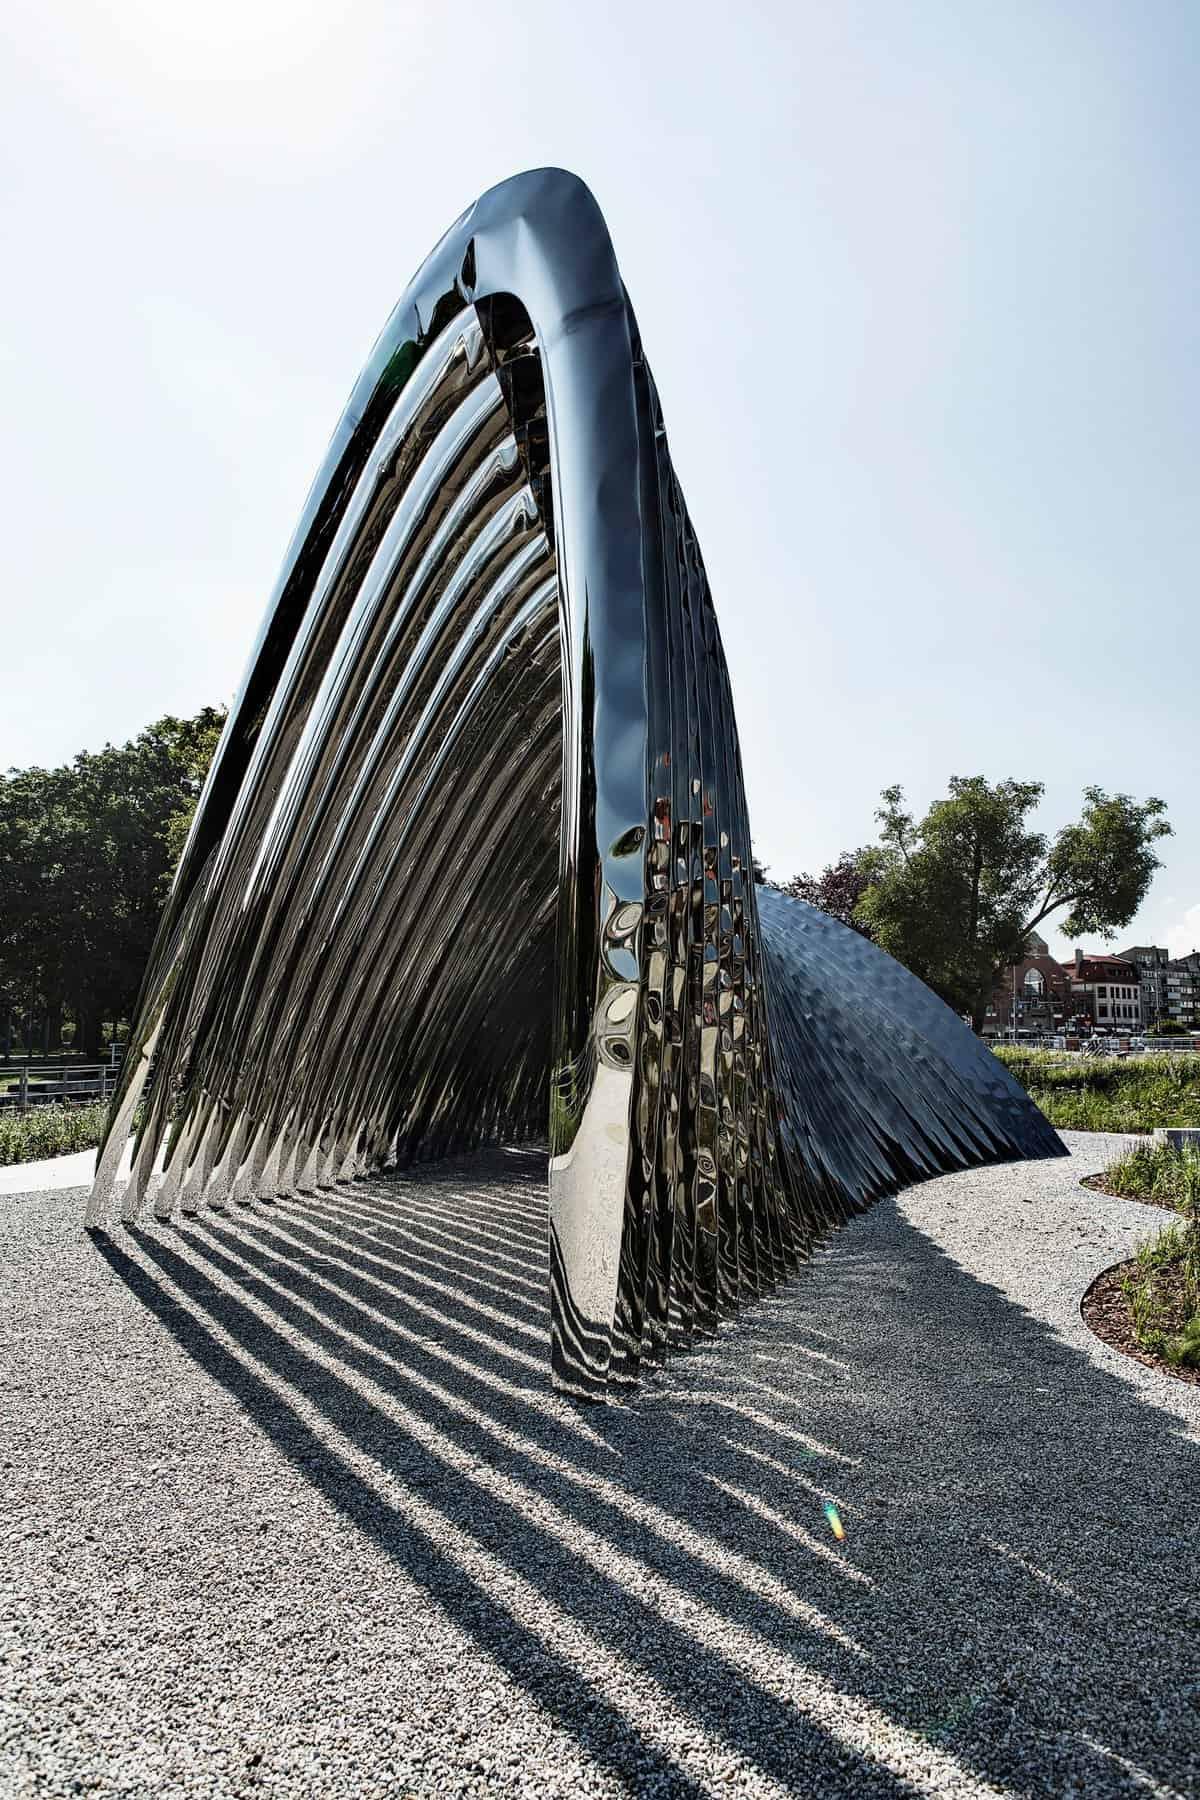 oskar zieta wroclaw sculpture 1